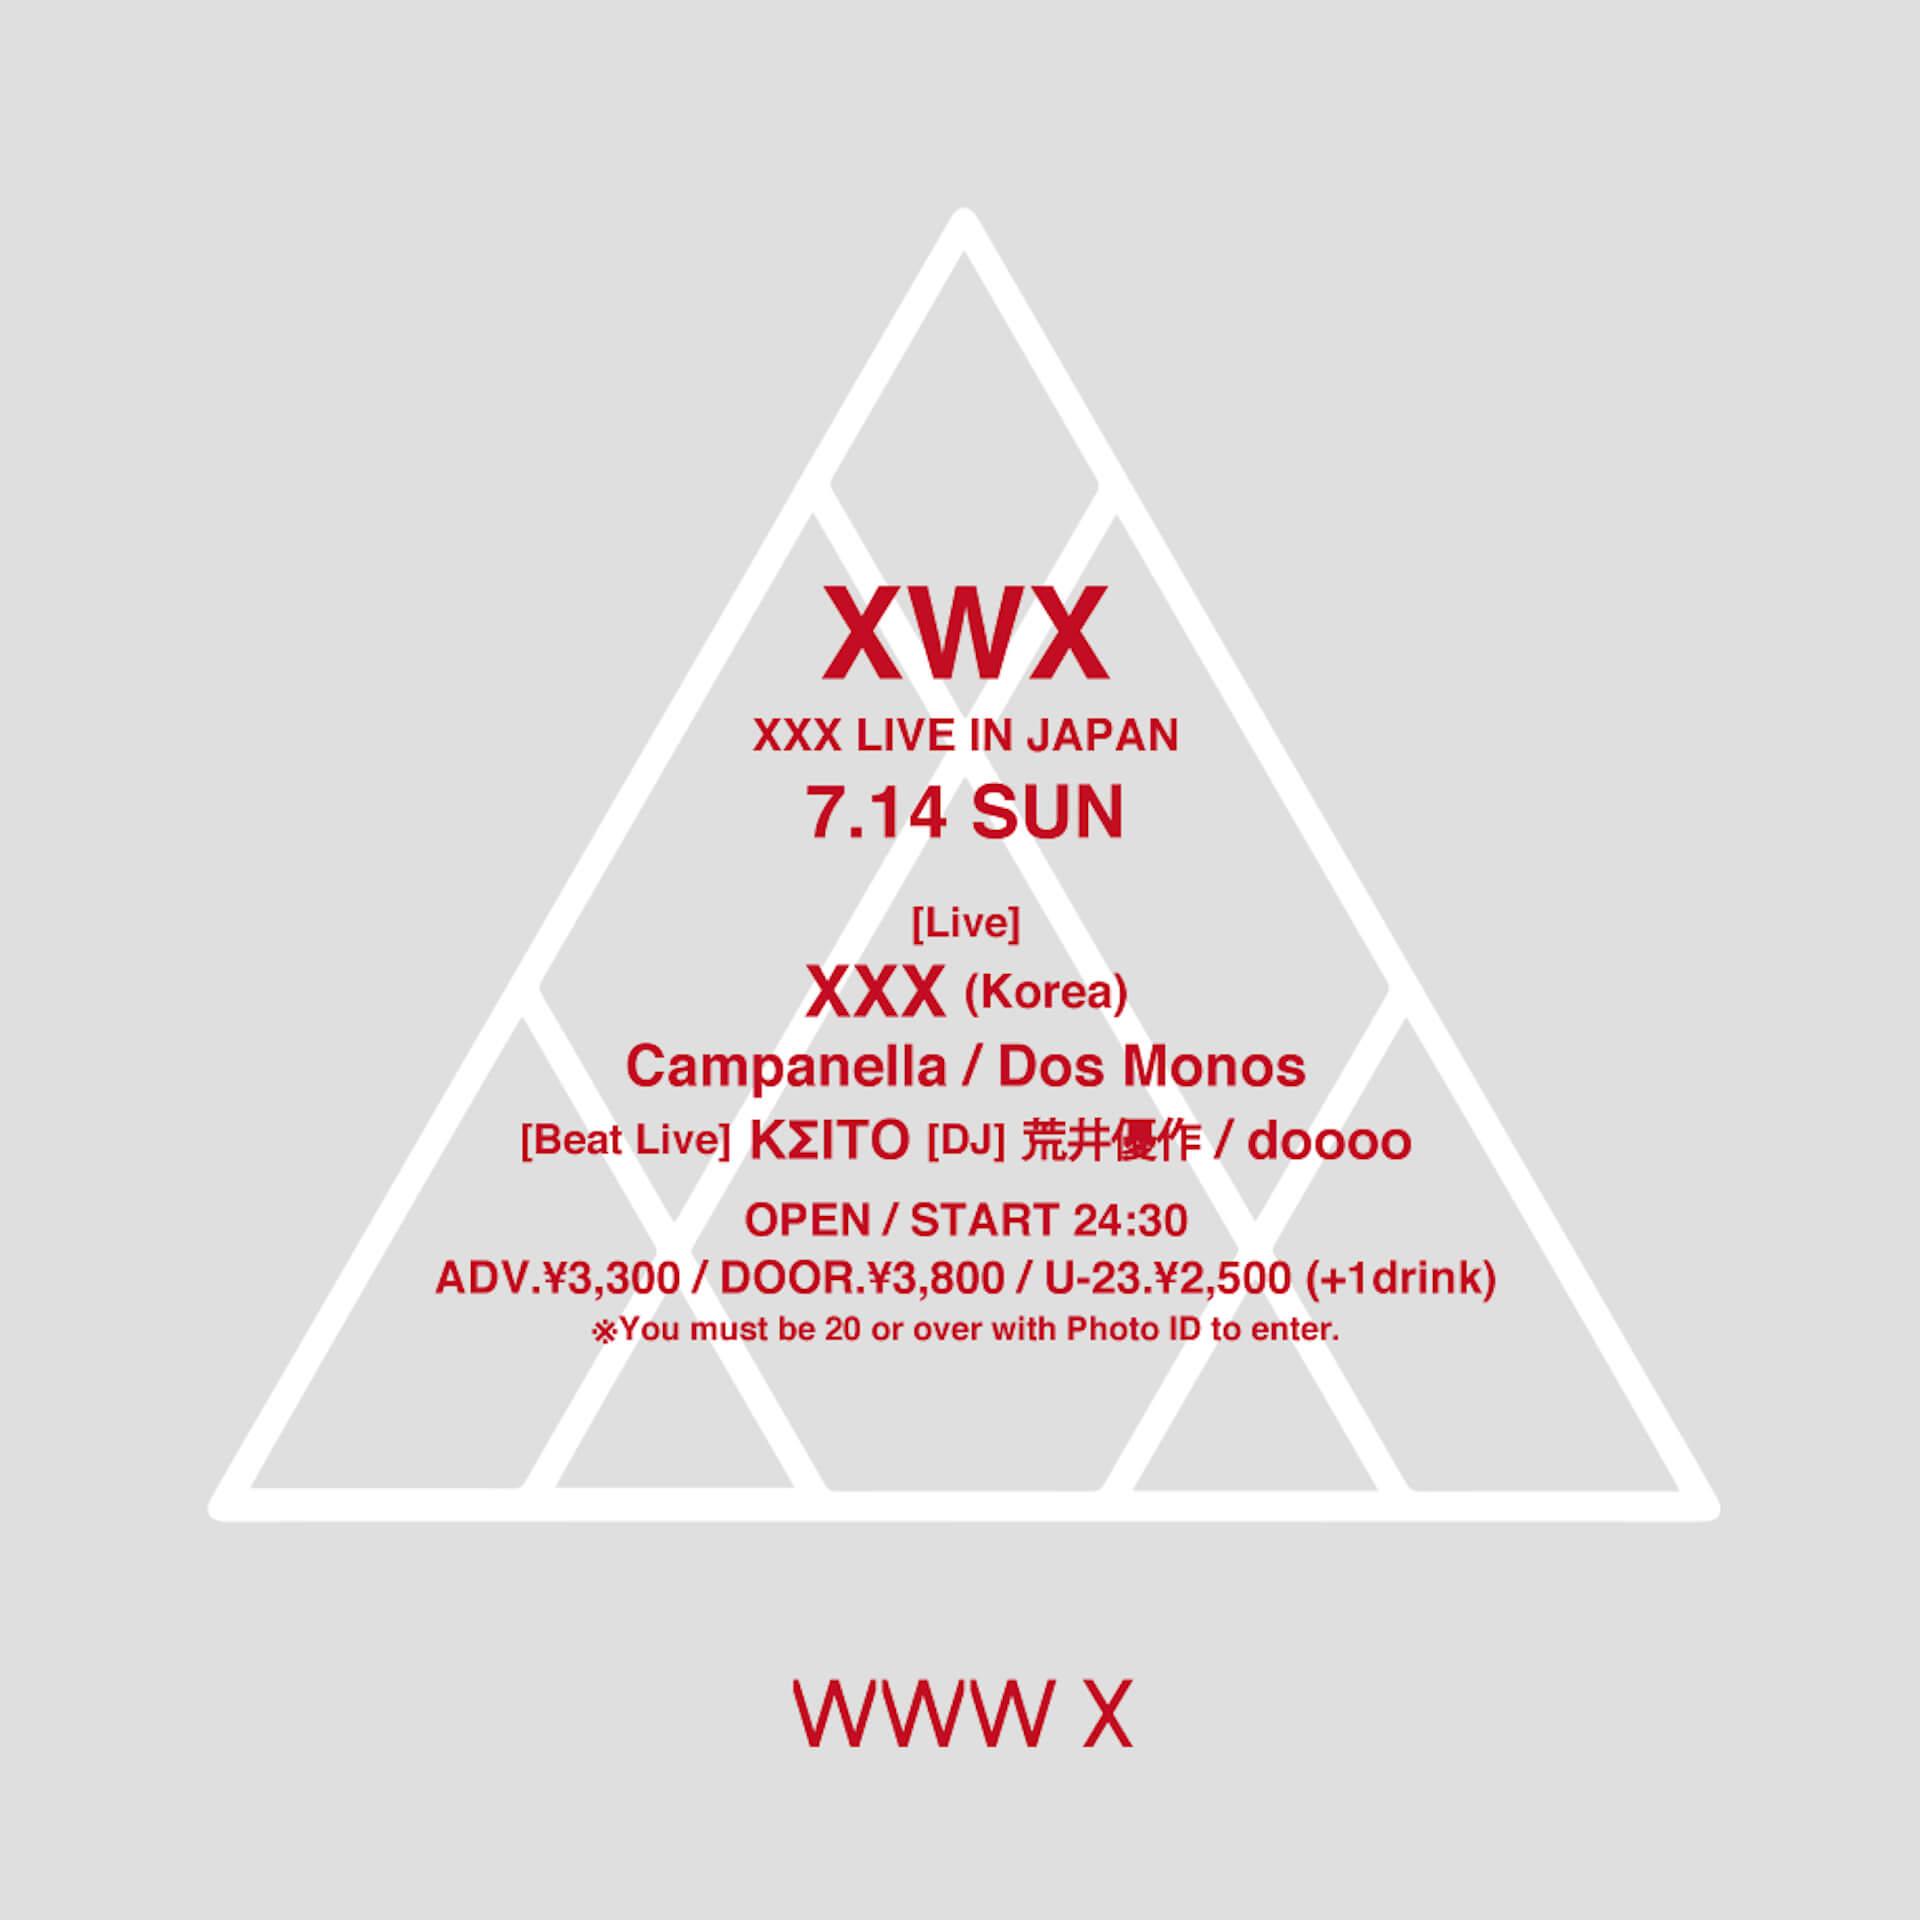 韓国内外で高い評価を受けるヒップホップ・デュオ、XXXの来日公演が開催 Campanella、Dos Monos、KΣITO、doooo、荒井優作が出演 music190712-ywx-7